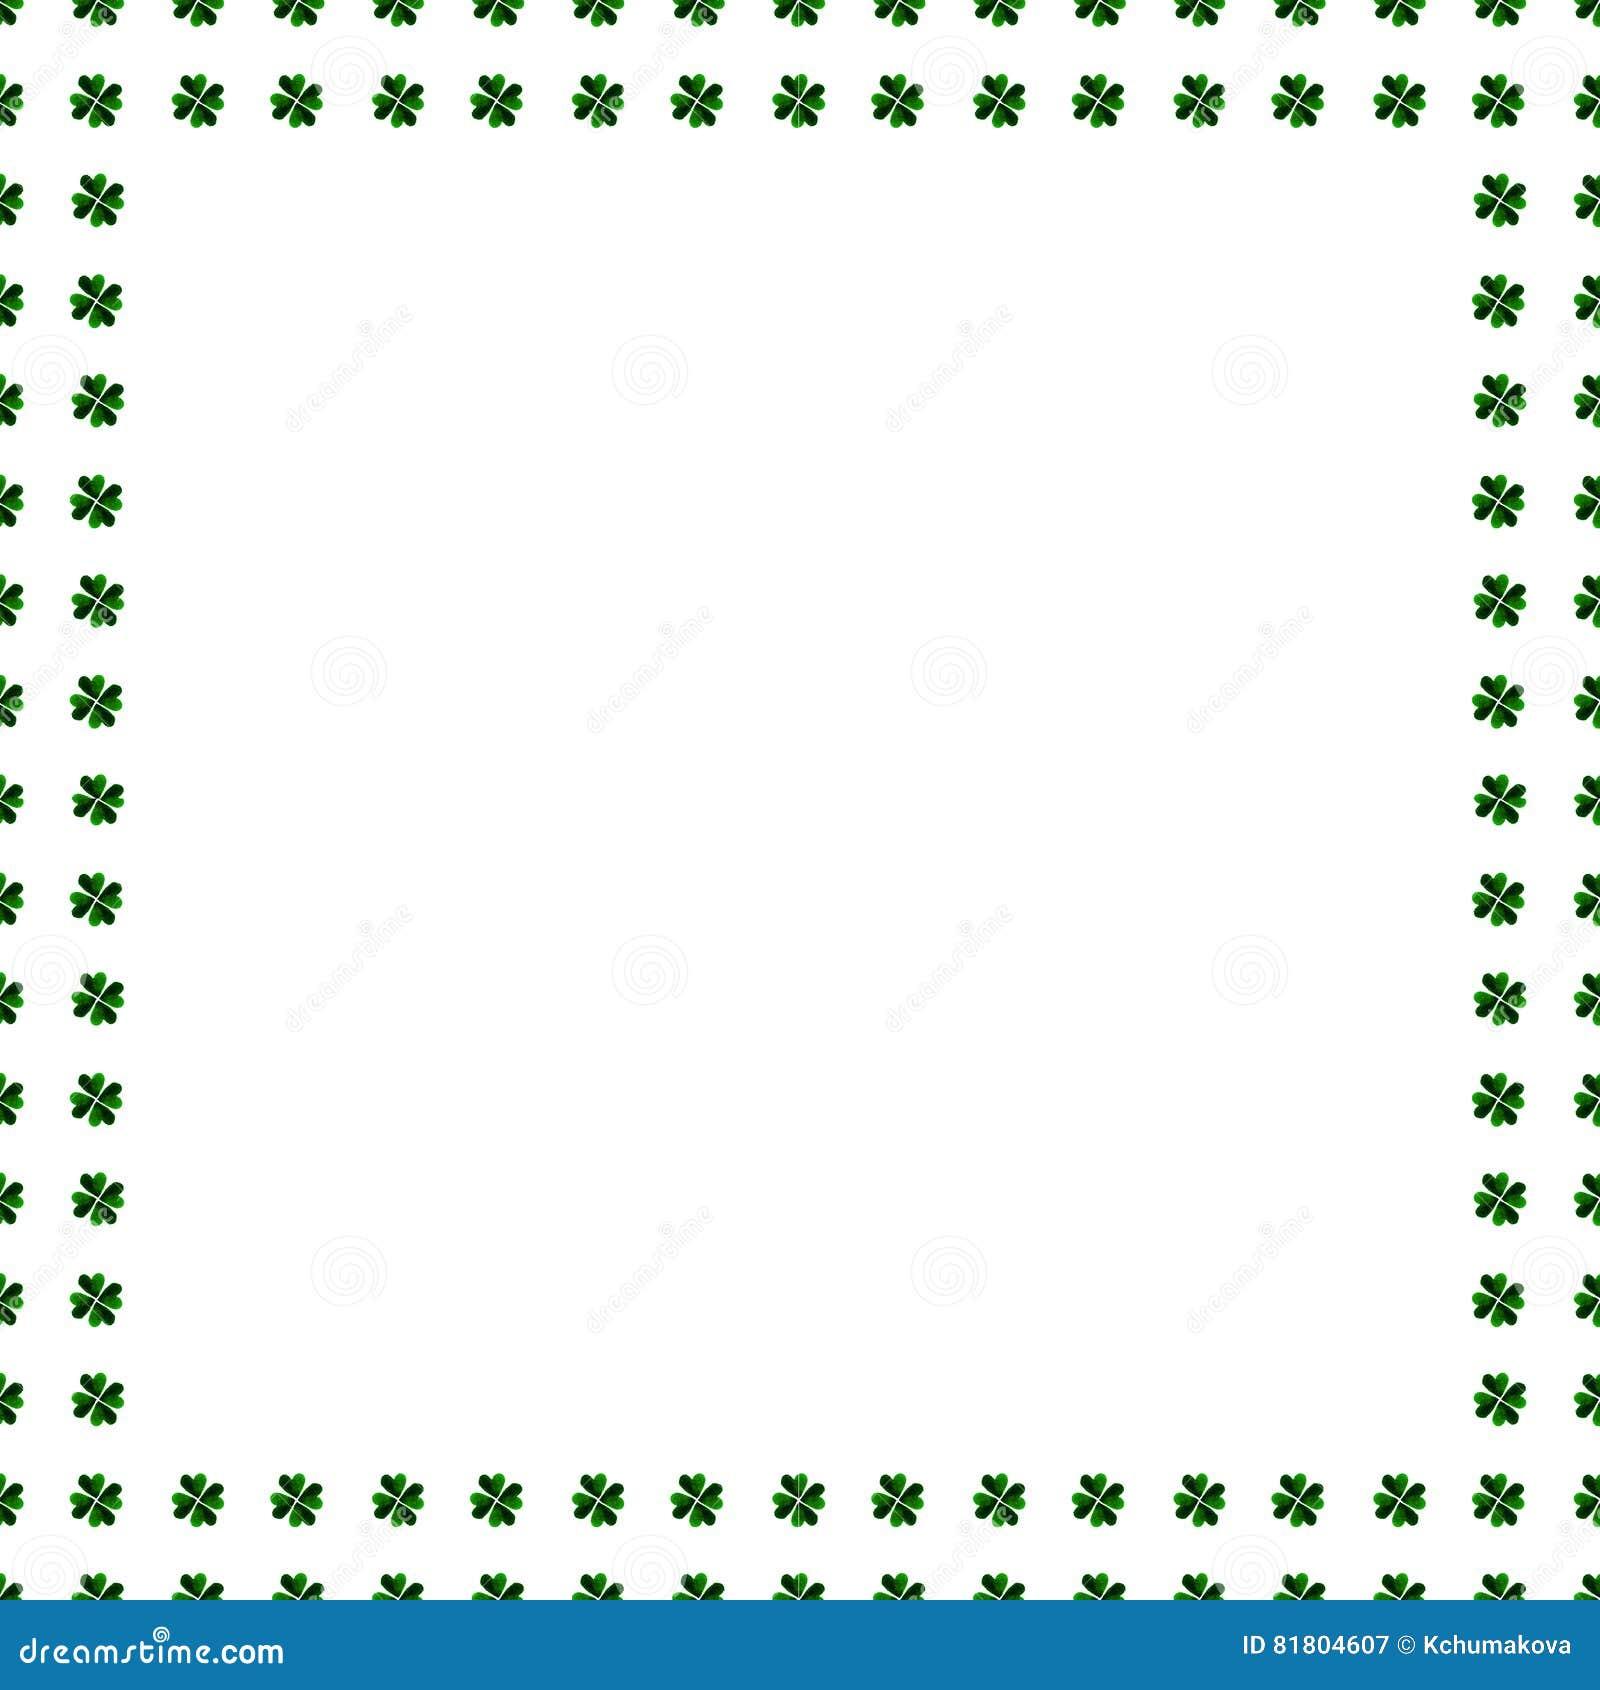 Frontera verde del trébol, marco aislado en el fondo blanco Modelo del símbolo de Irlanda Ilustración de la acuarela Plantilla de